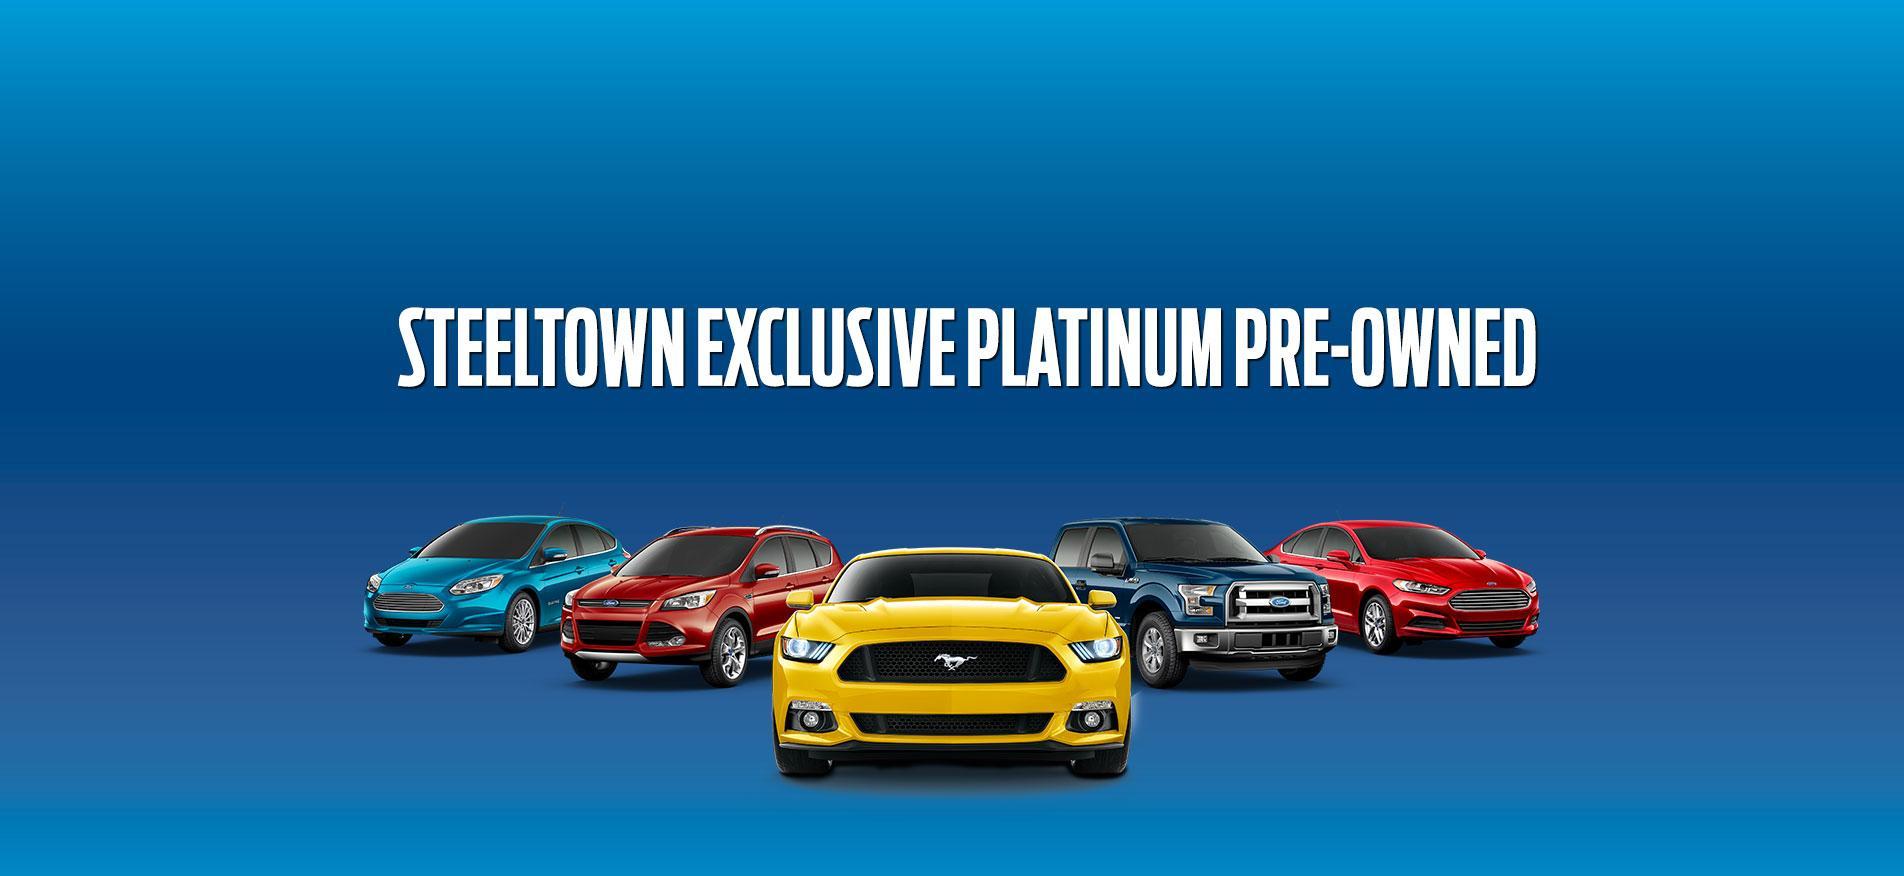 platinum pre-owned